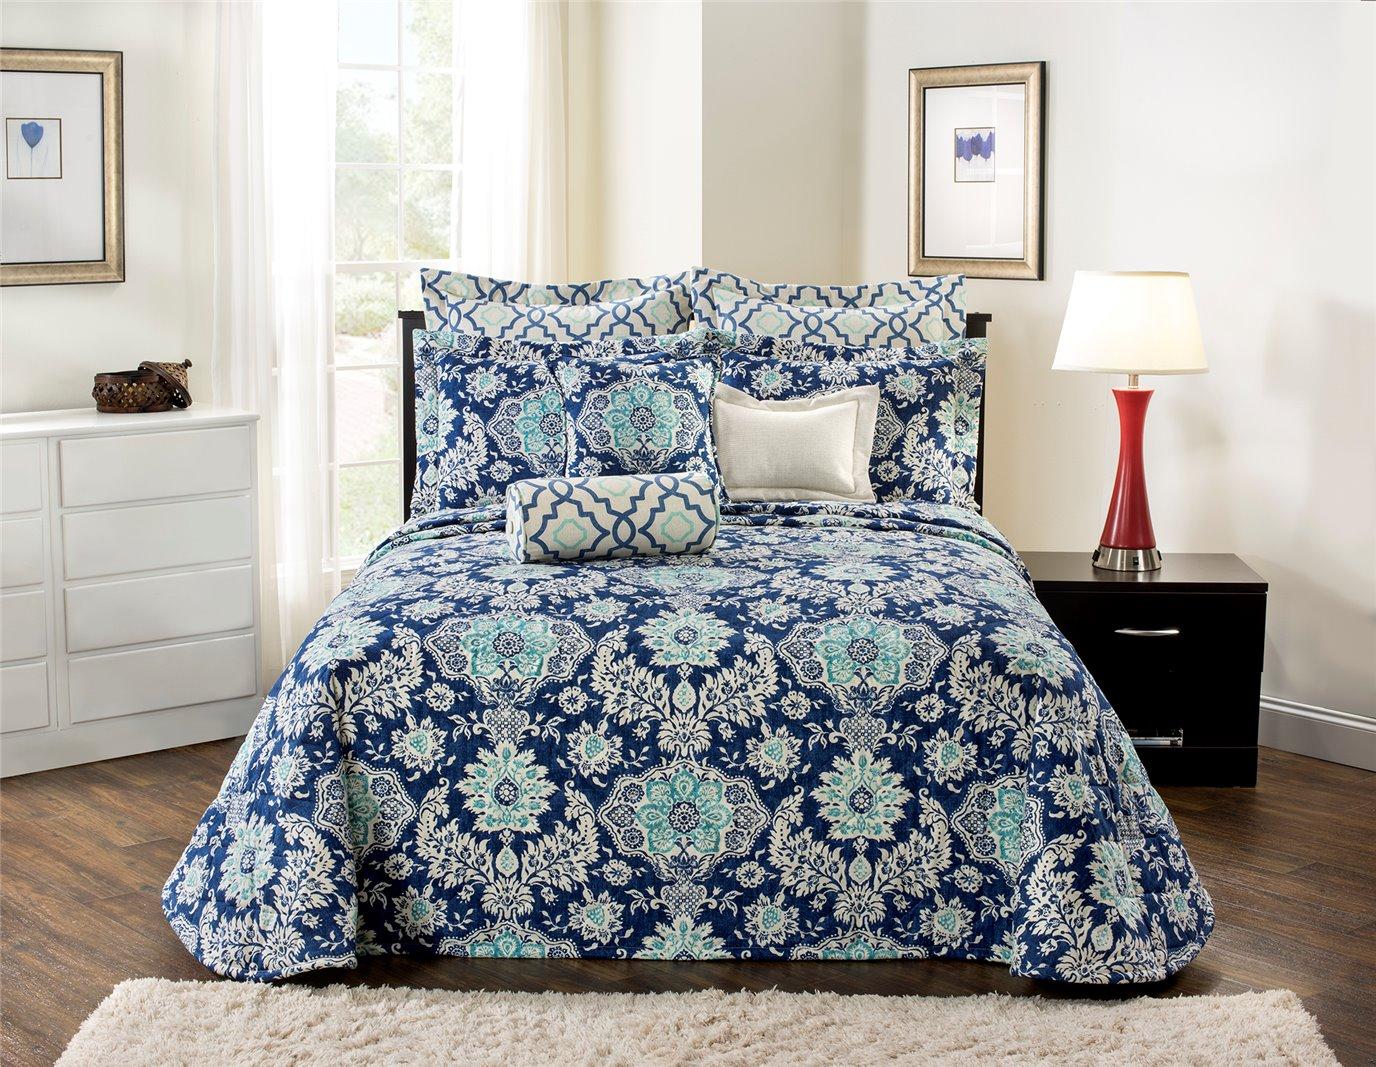 Belmont Harbor Queen Bedspread